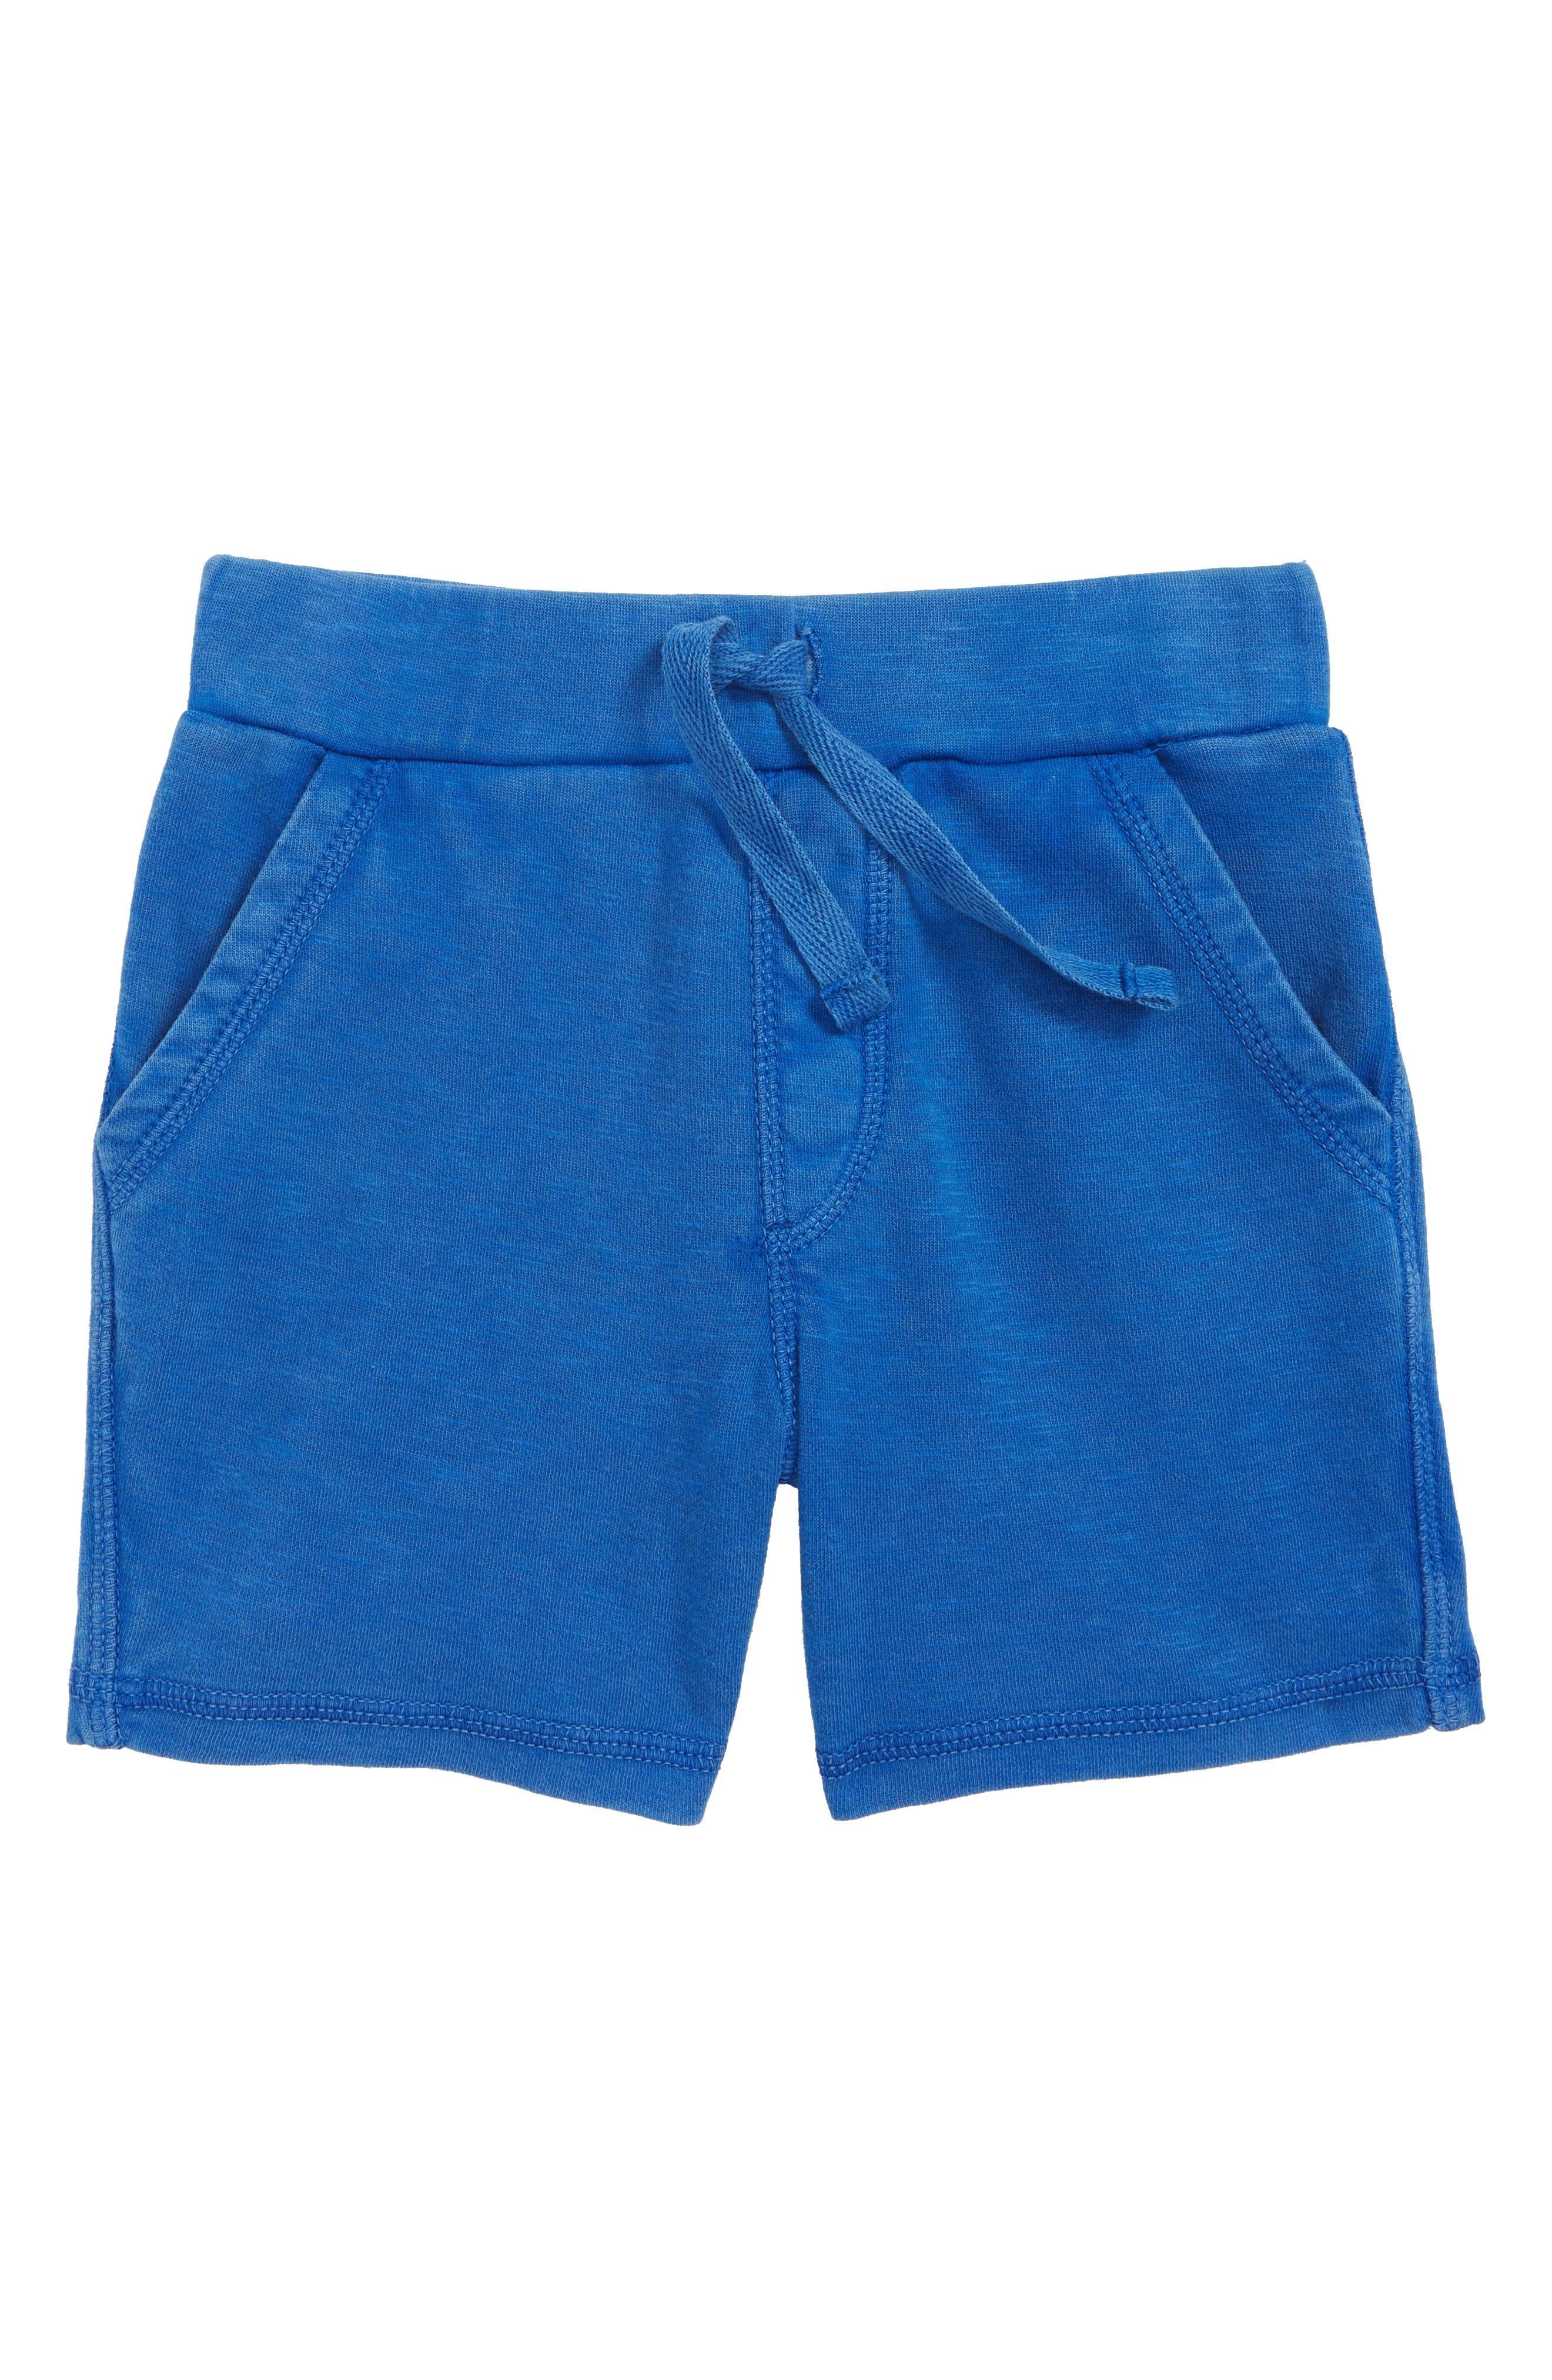 Knit Shorts,                             Main thumbnail 1, color,                             Blue Surf